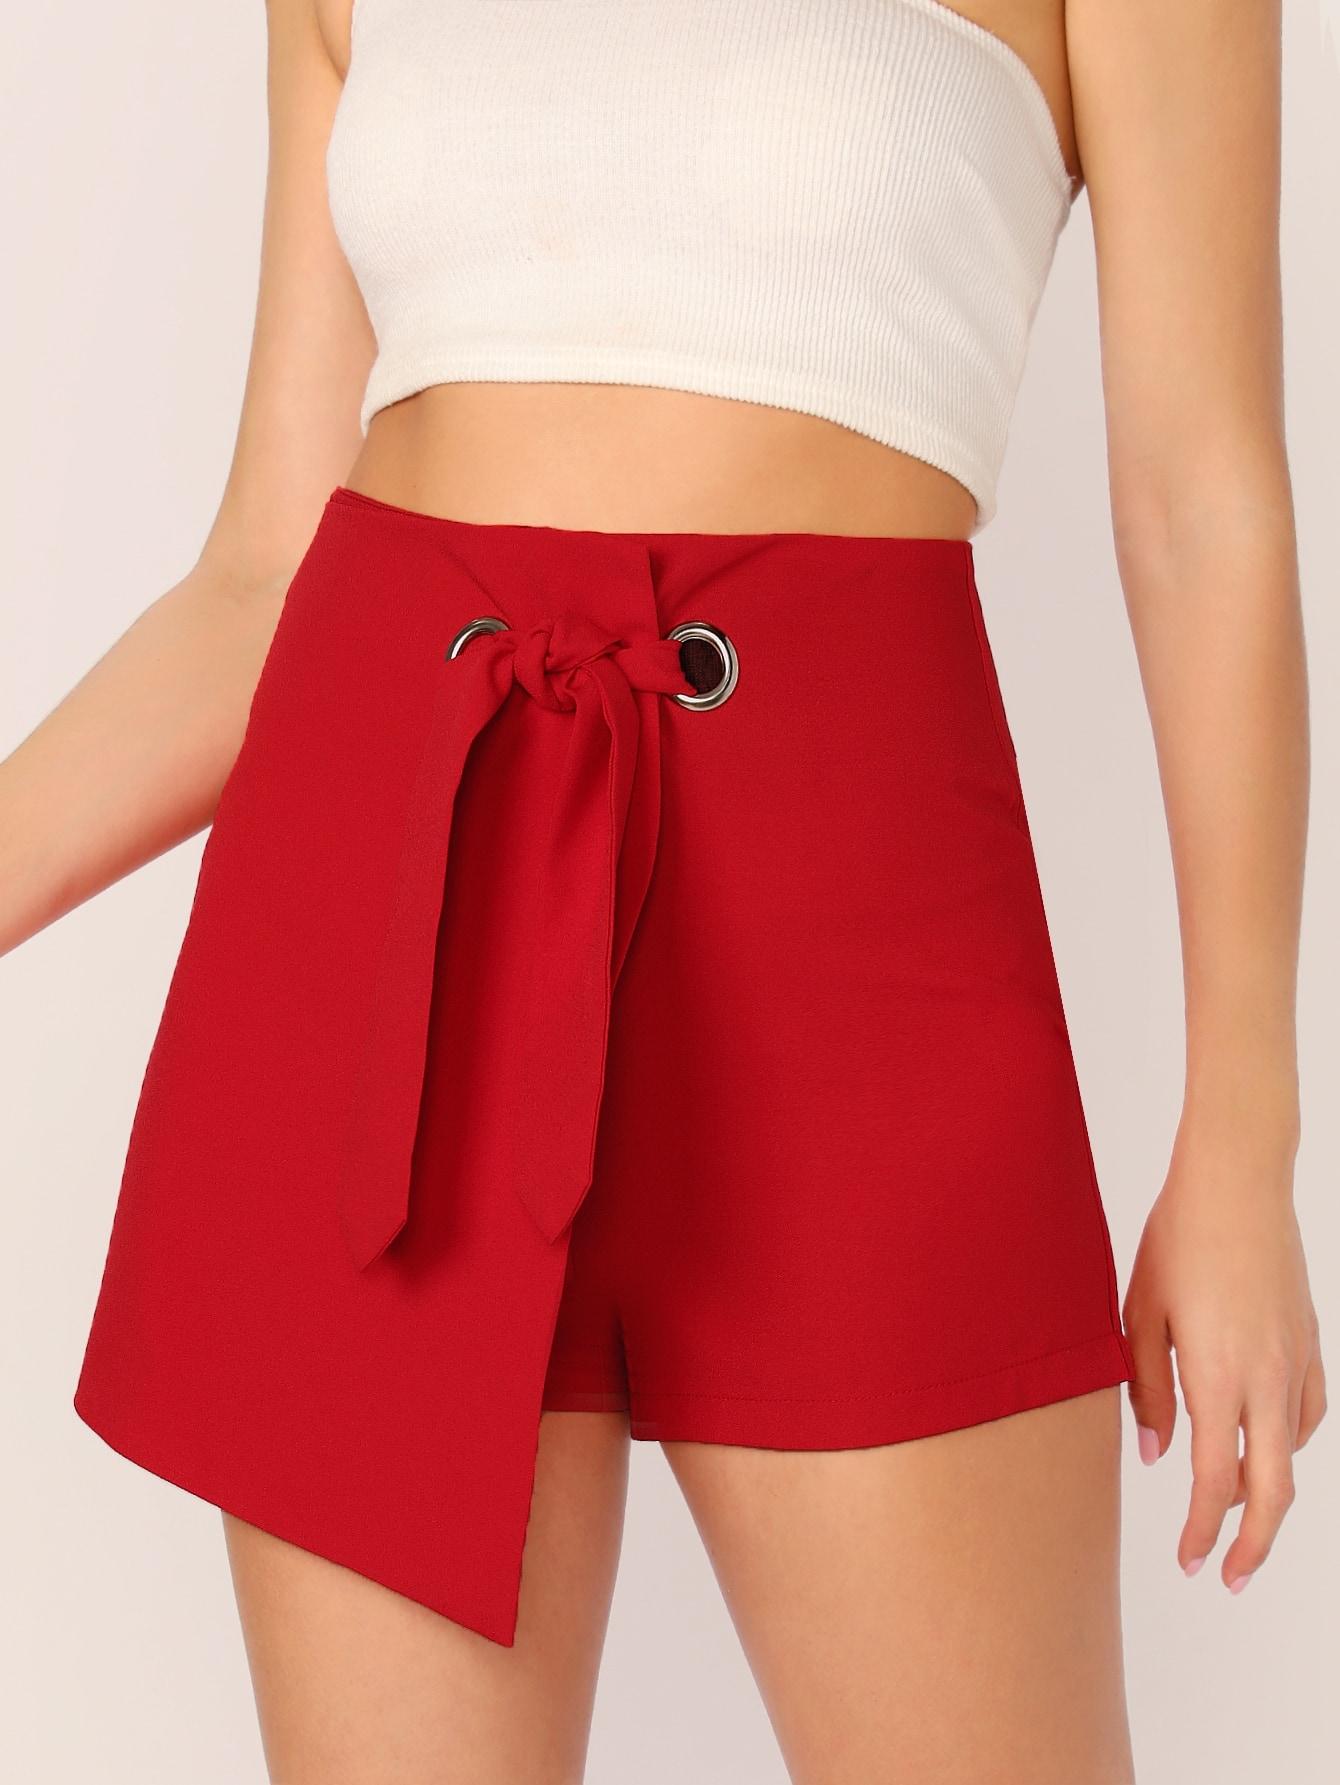 Фото - Асимметричные юбка-шорты с узлом от SheIn красного цвета